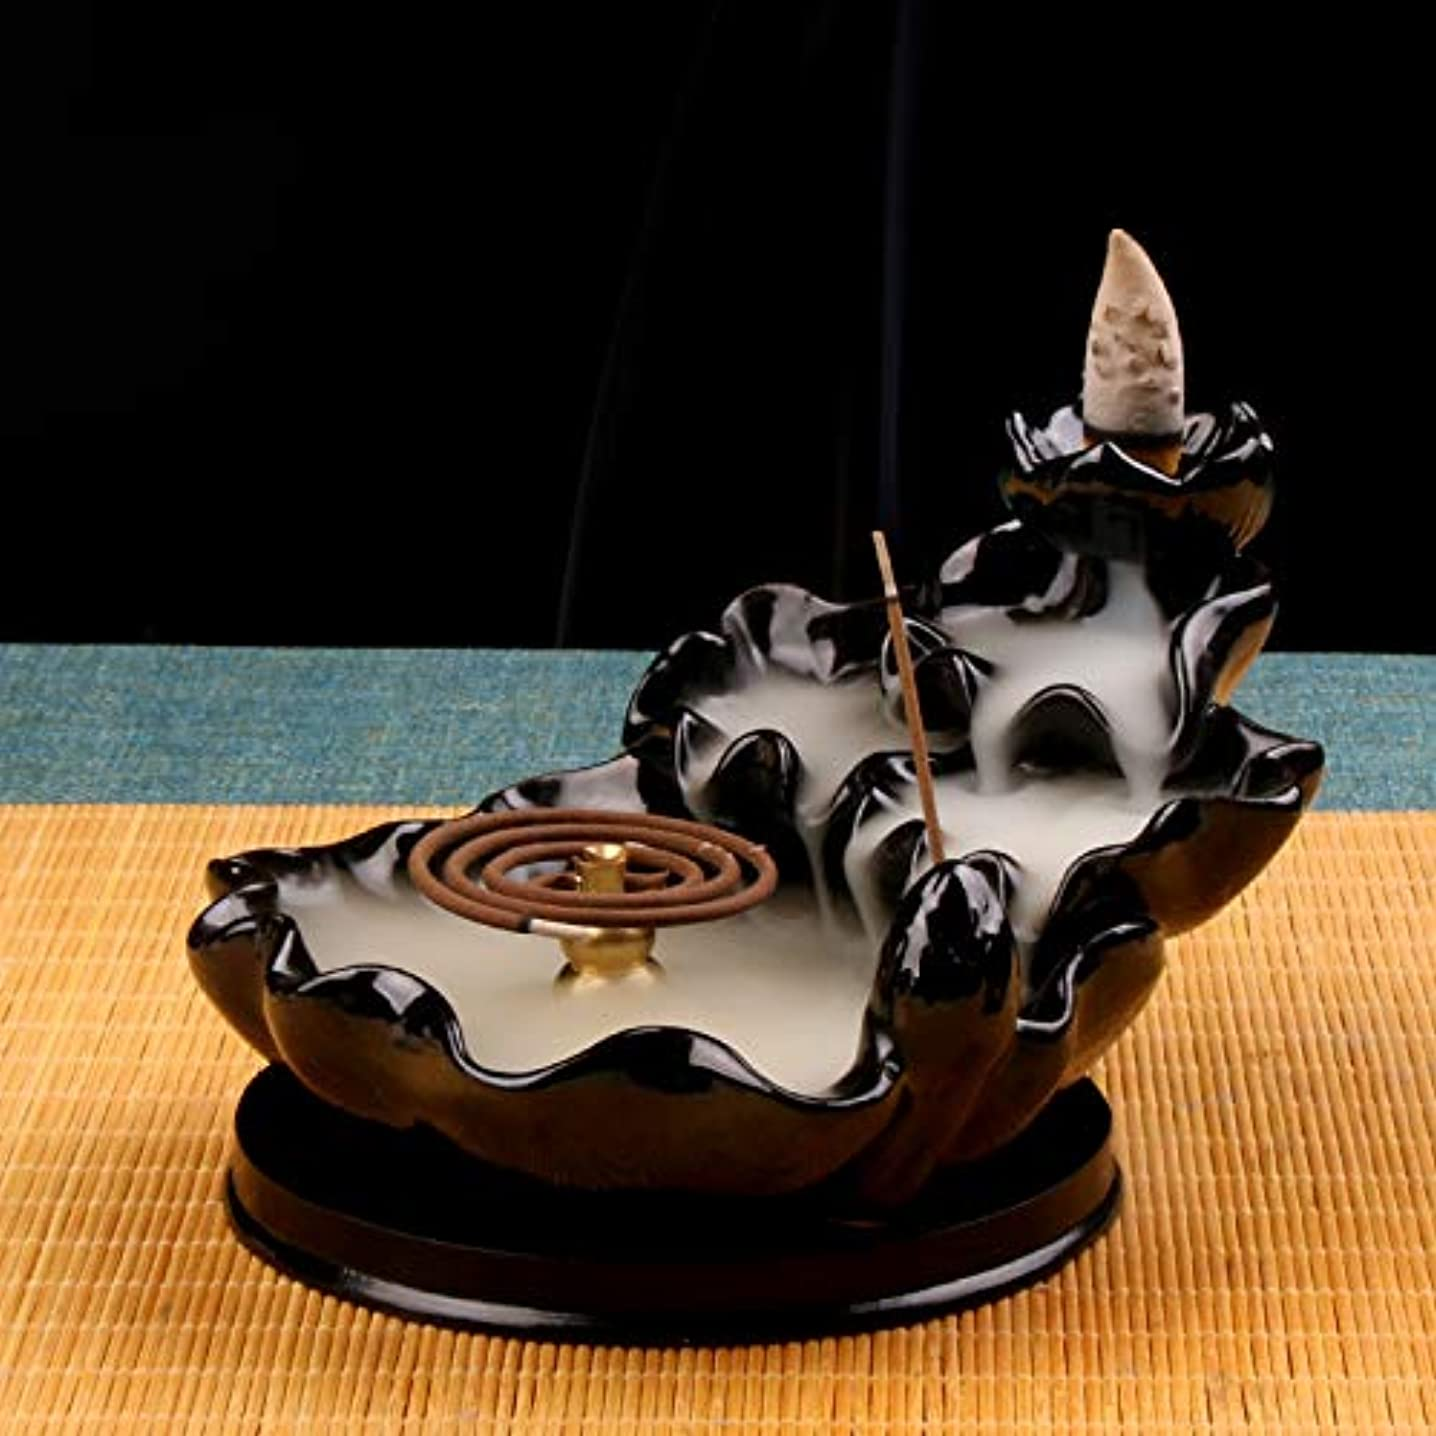 起訴する保険観察(Style4) - Backflow Incense Burner Buddha monk and Moon Ceramic Censer for Home Decor Tea ceremony (Style4)